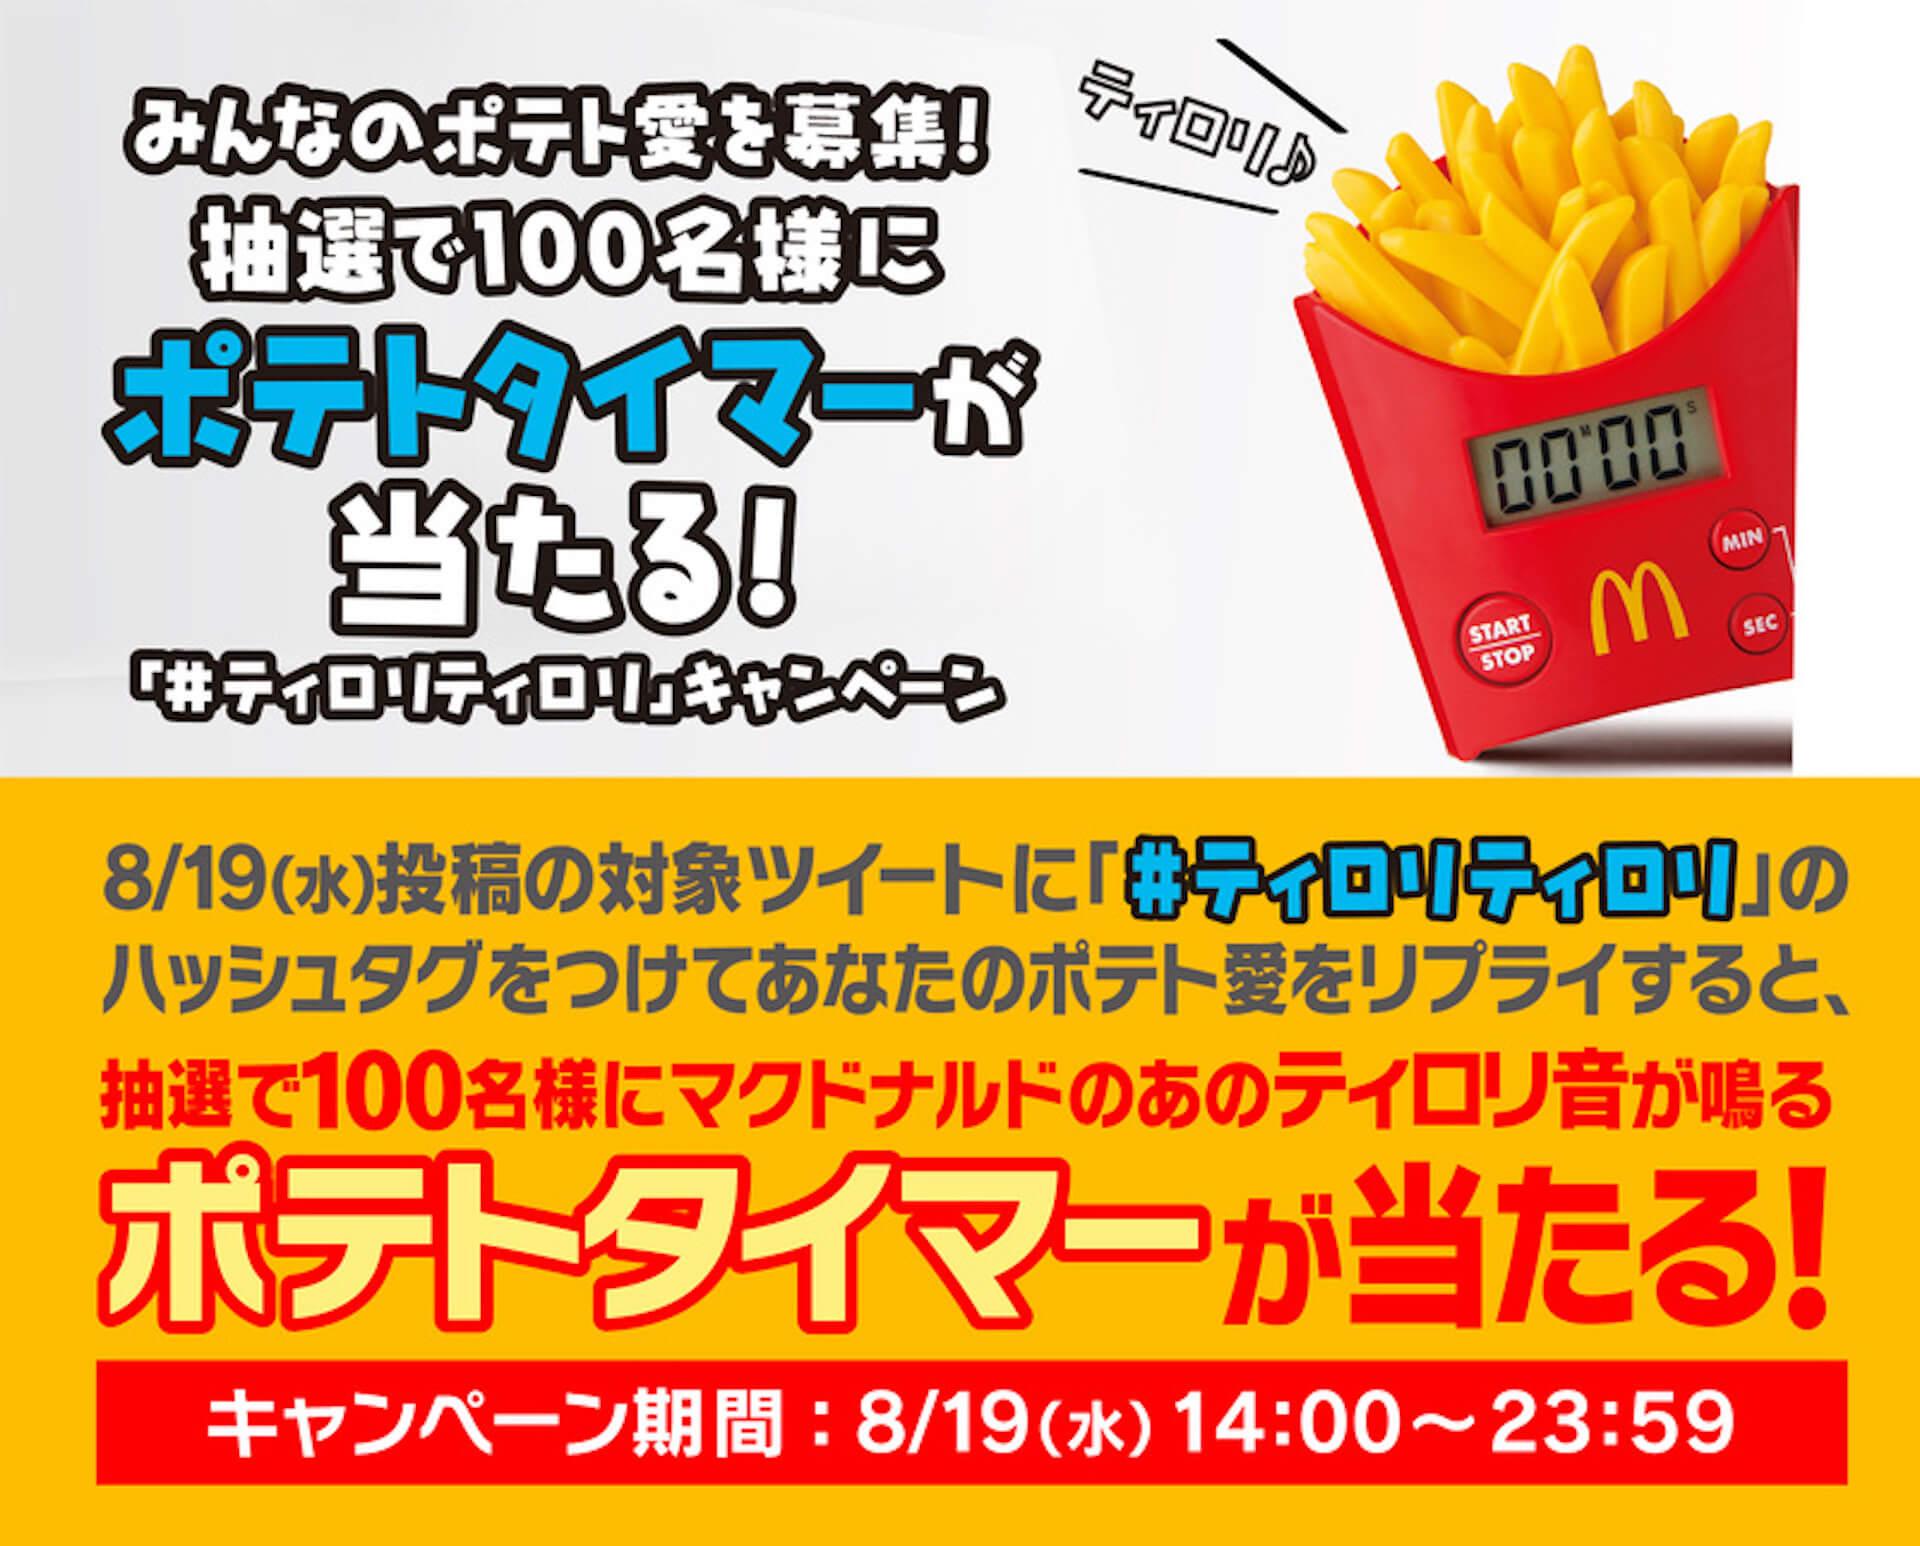 今日からマクドナルドの定番「マックフライポテト」が期間限定で全サイズ150円に!あの揚げたての音が鳴るポテトタイマーがあたるキャンペーンも gourmet200819_mcdonald_potato_1